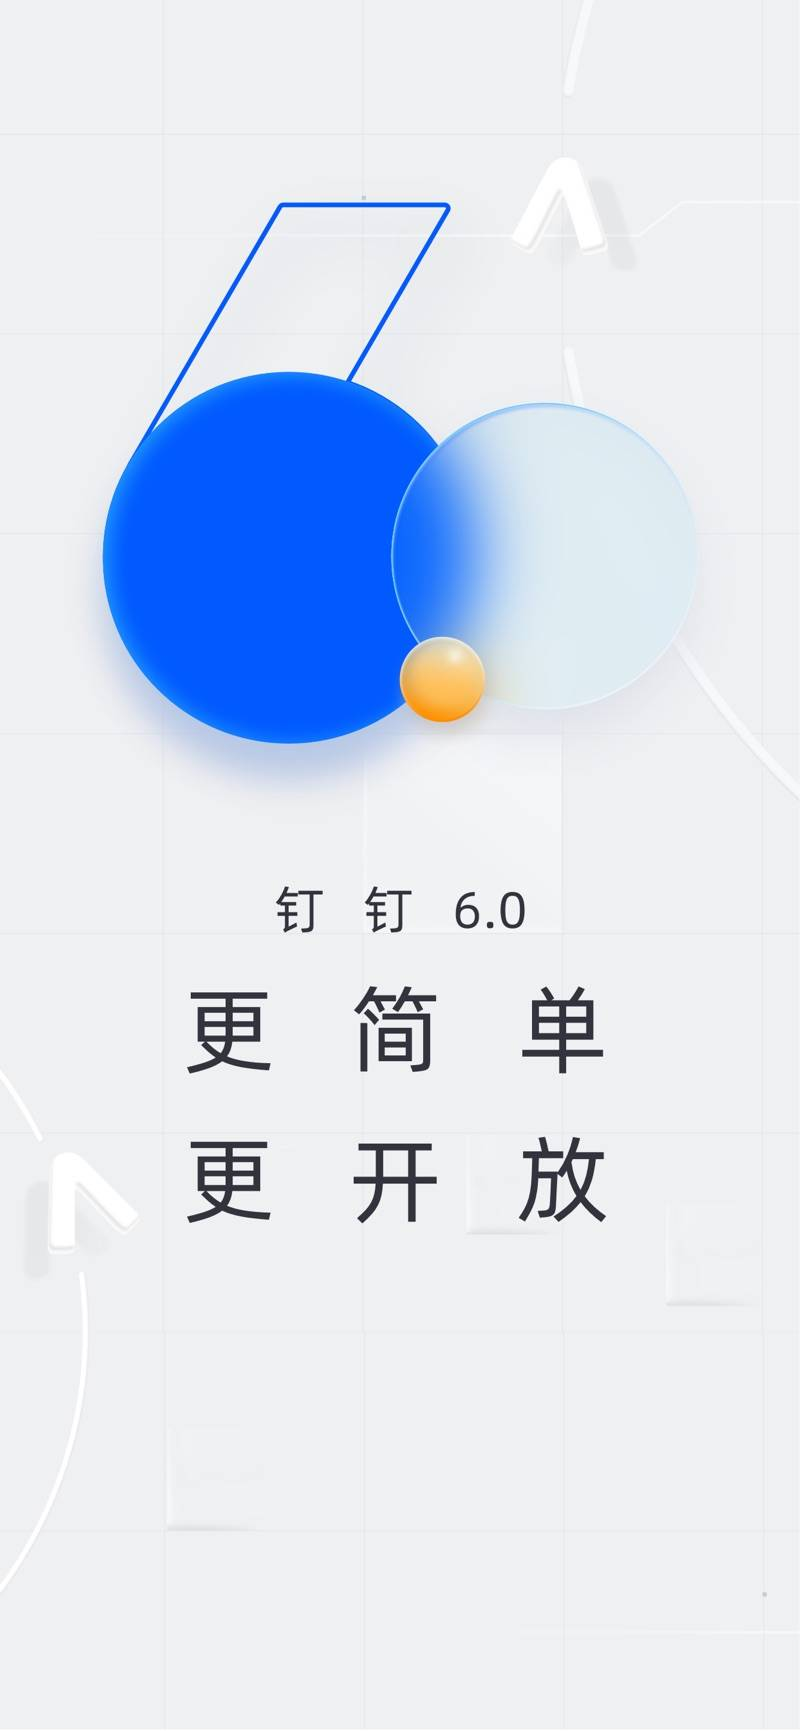 钉钉6.0.8版本截图